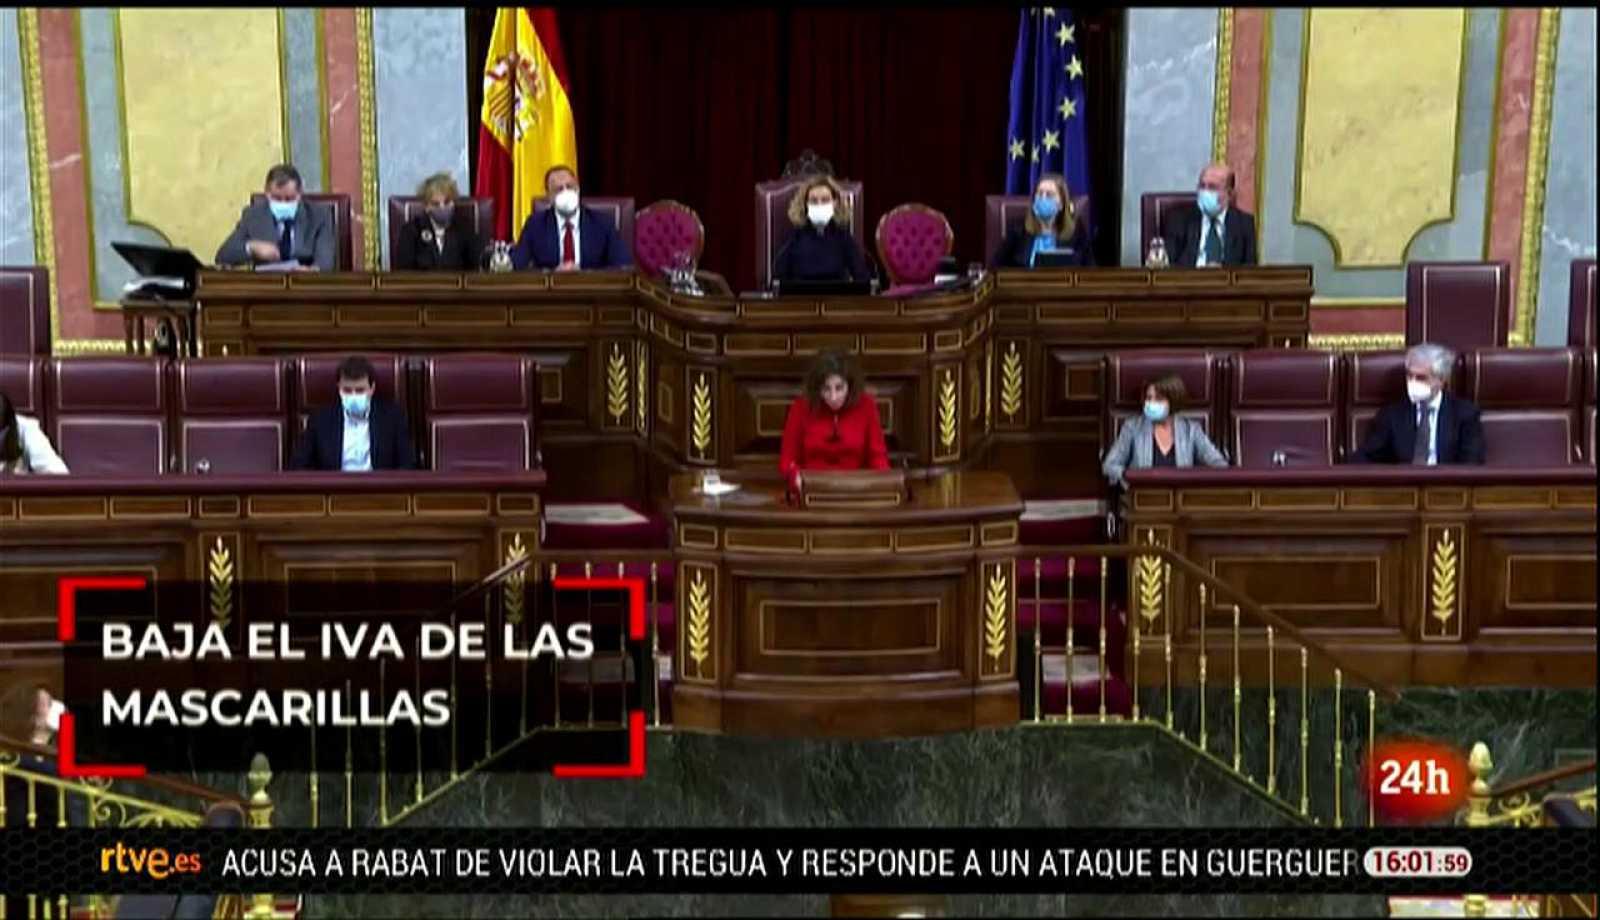 Parlamento - Parlamento en 3 minutos - 14/11/2020